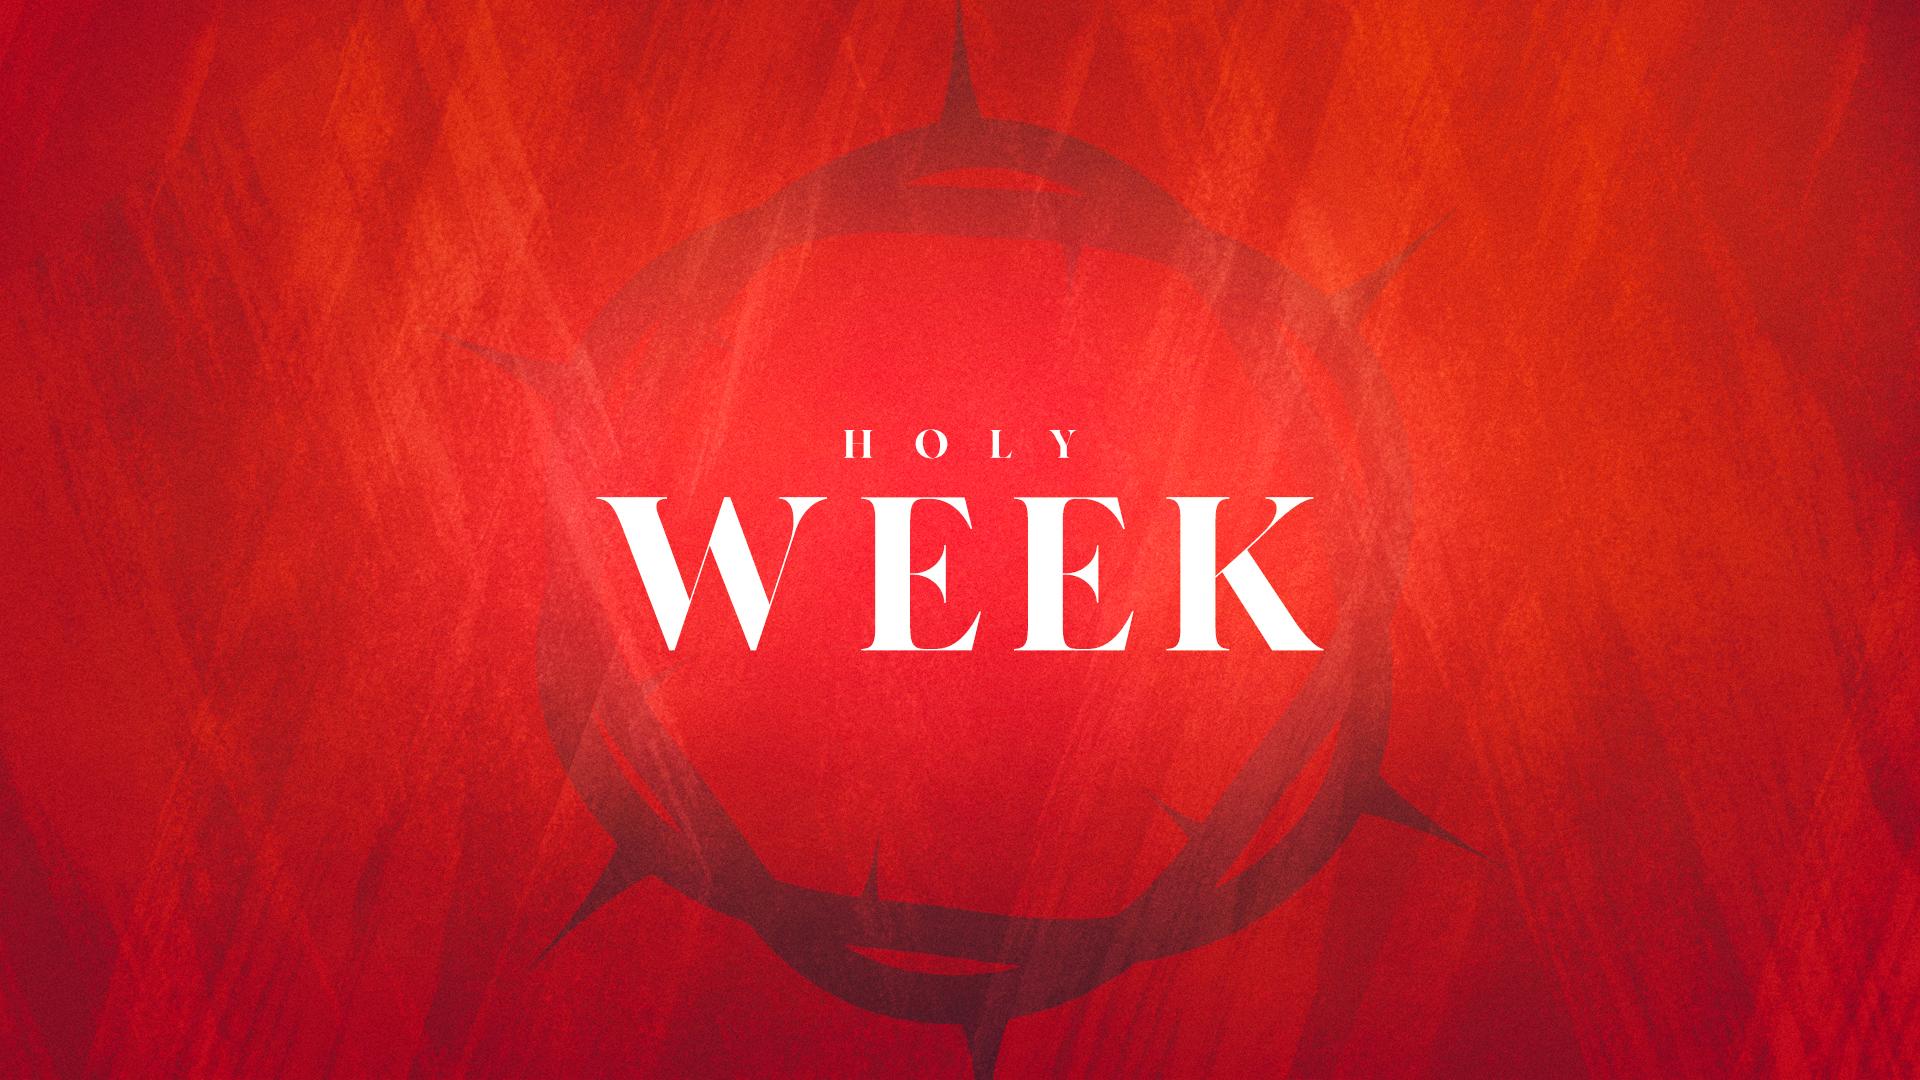 Holy-Week_Title-Slide.jpg